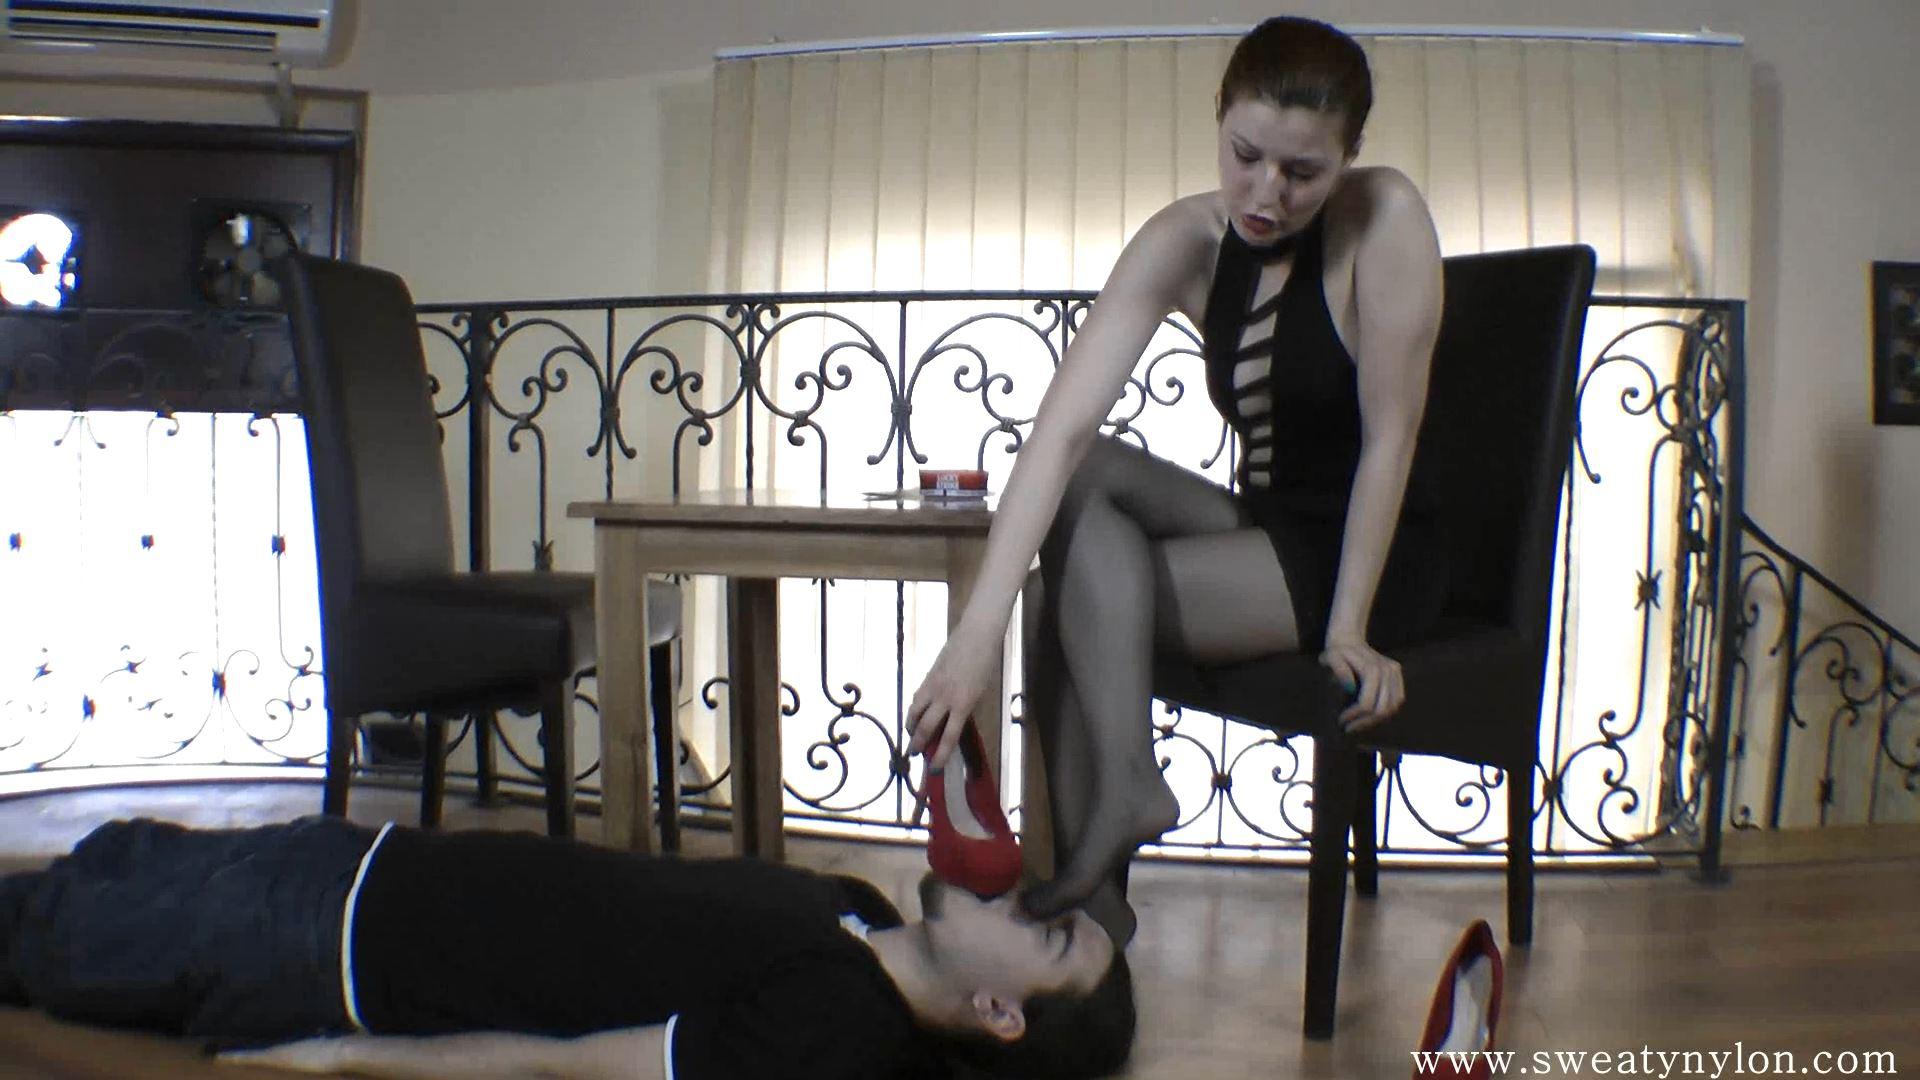 Goddess Victoria In Scene: Hot sweaty nylon Part 3 - SWEATREMOVER - FULL HD/1080p/MP4